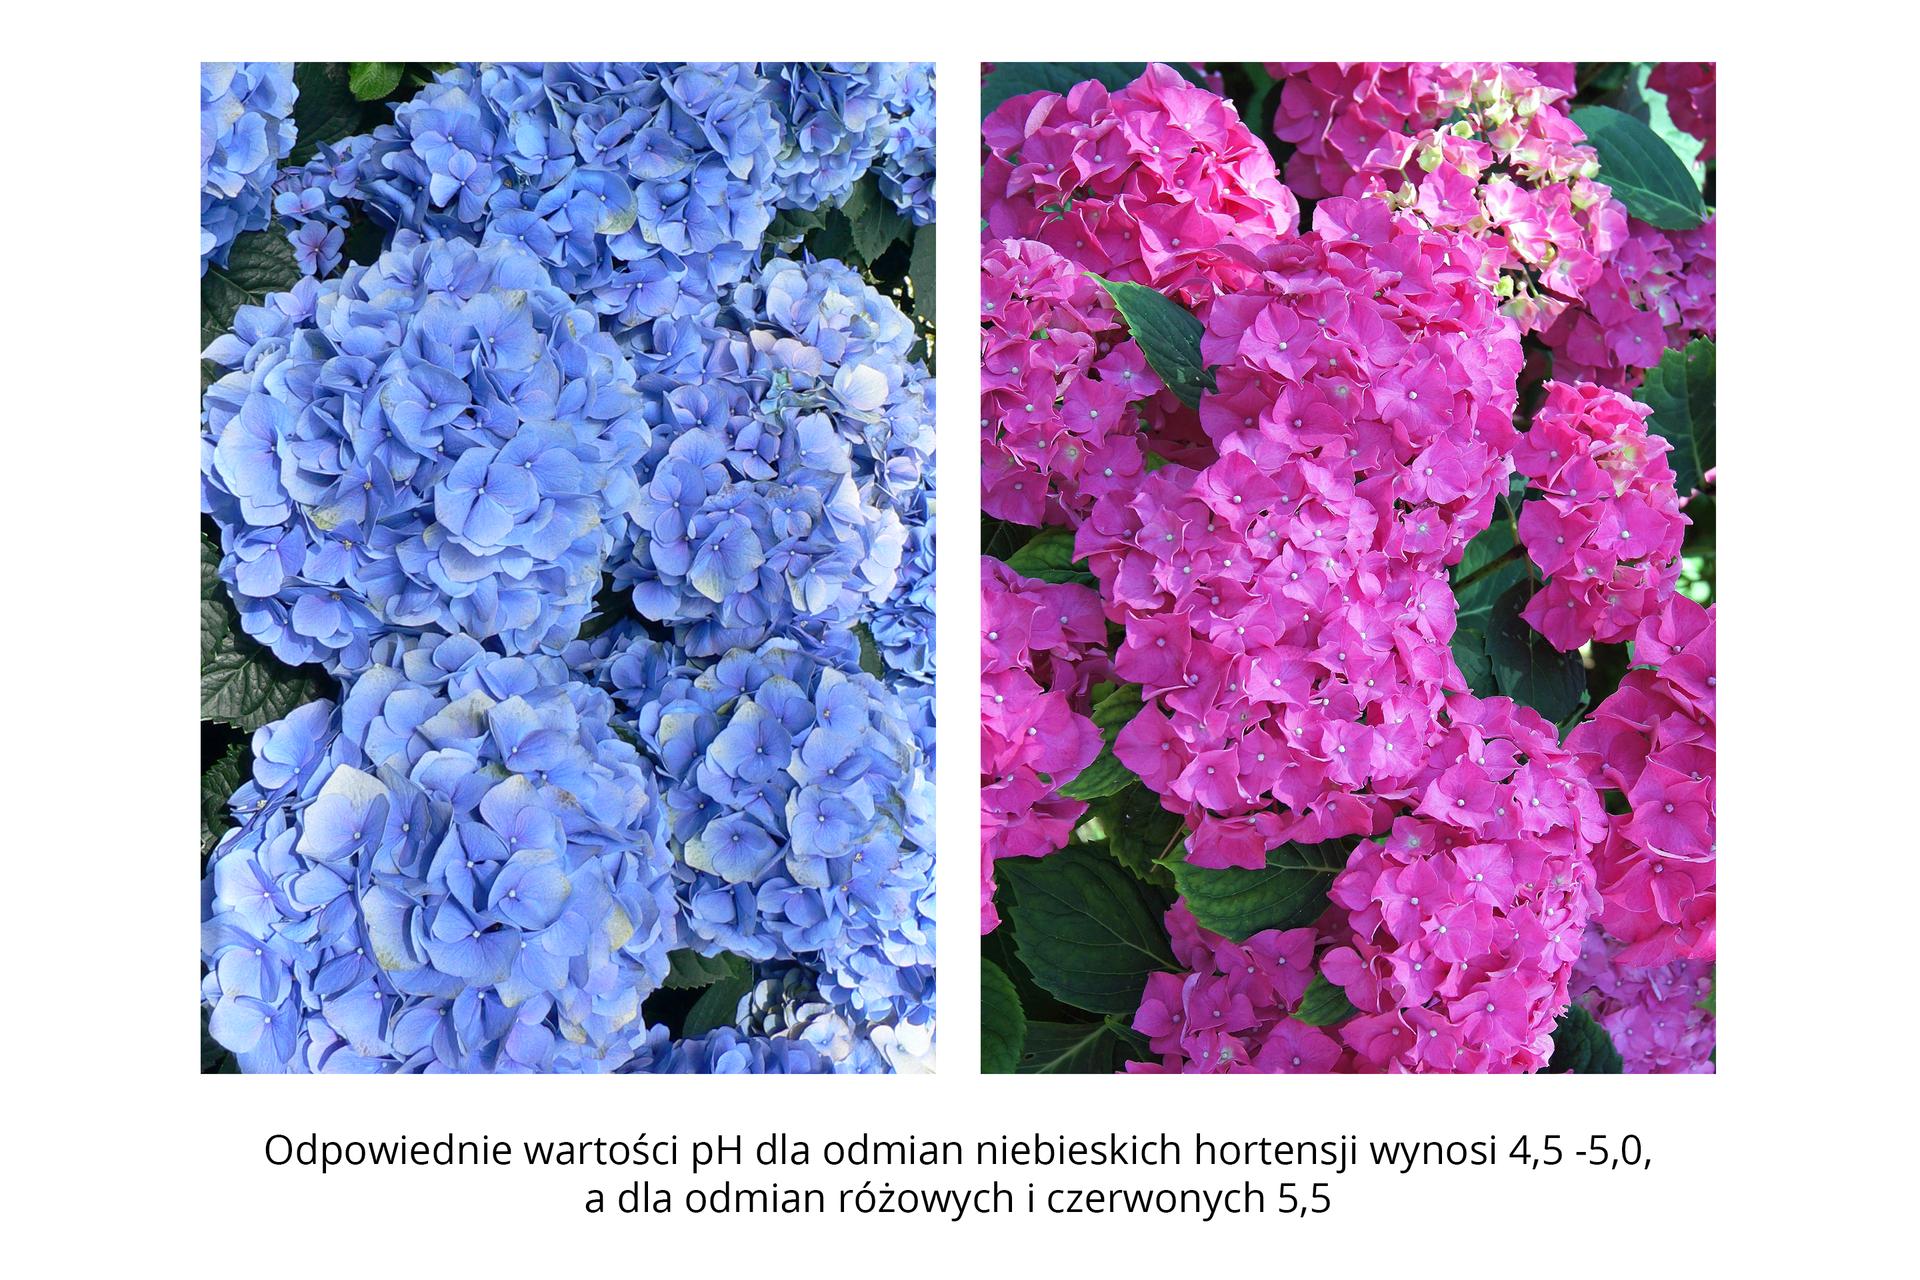 Ilustracja przedstawia dwa sąsiadujące ze sobą zdjęcia kwitnącego krzewu hortensji. Kwiaty na zdjęciu po lewej stronie mają intensywnie niebieski kolor, ana zdjęciu po prawej stronie różowo czerwony.